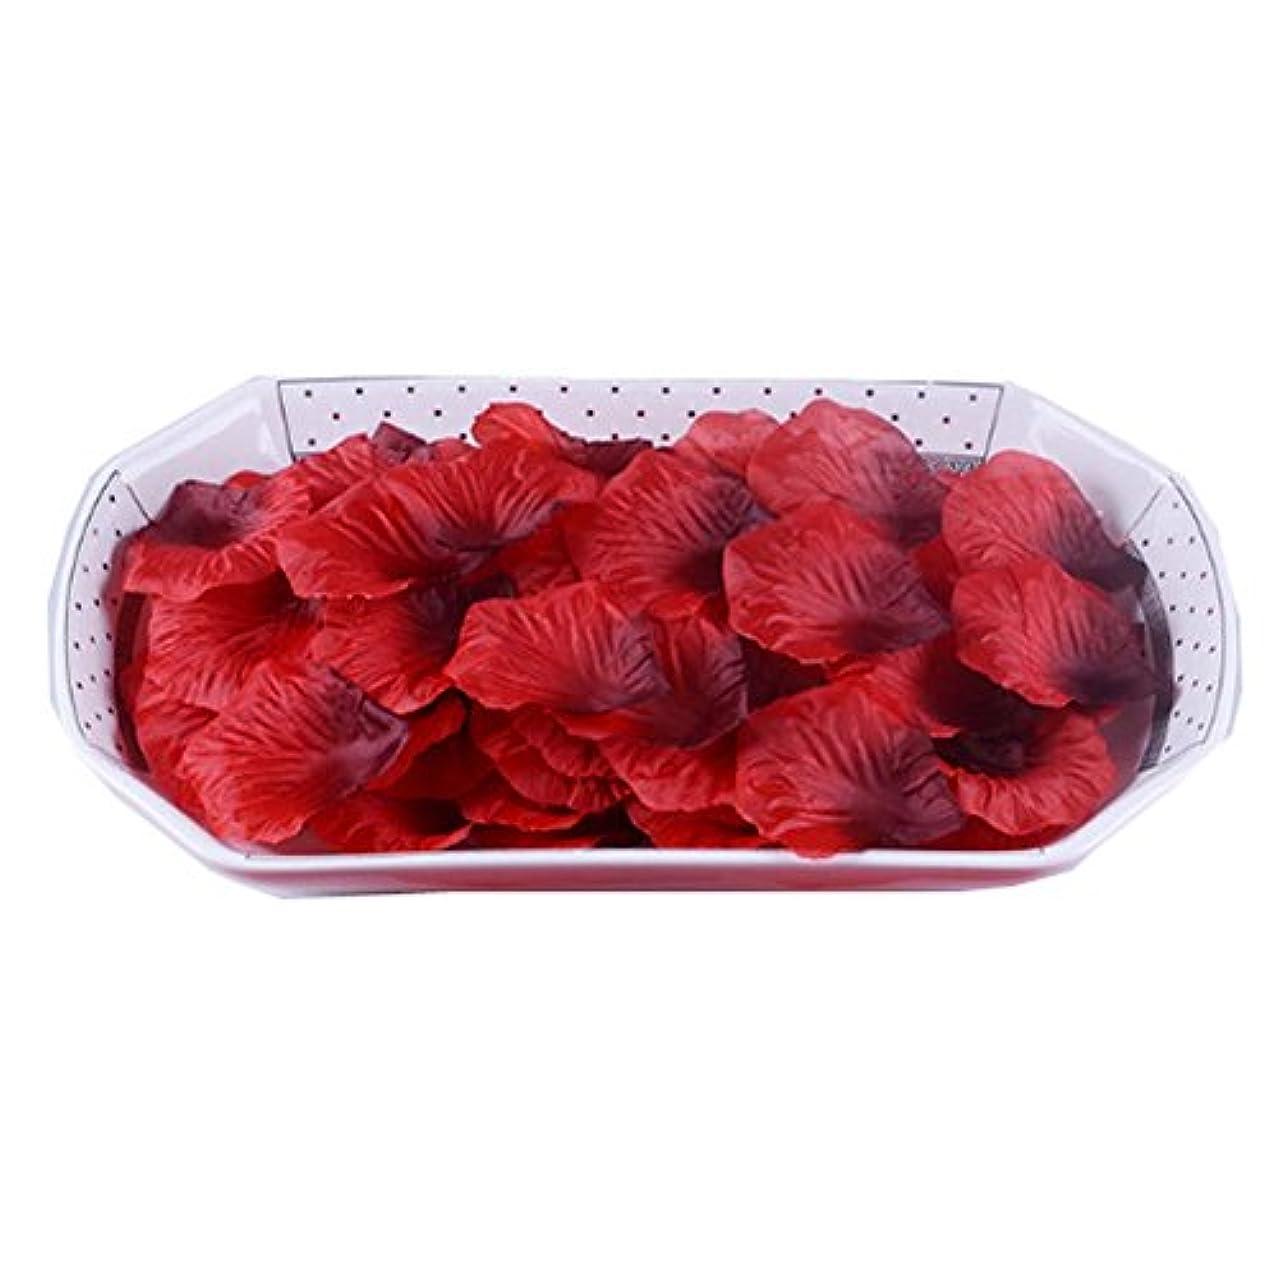 確執分泌する大胆不敵人工花びらの結婚式の装飾品は、3000の花びらのセットをバラ